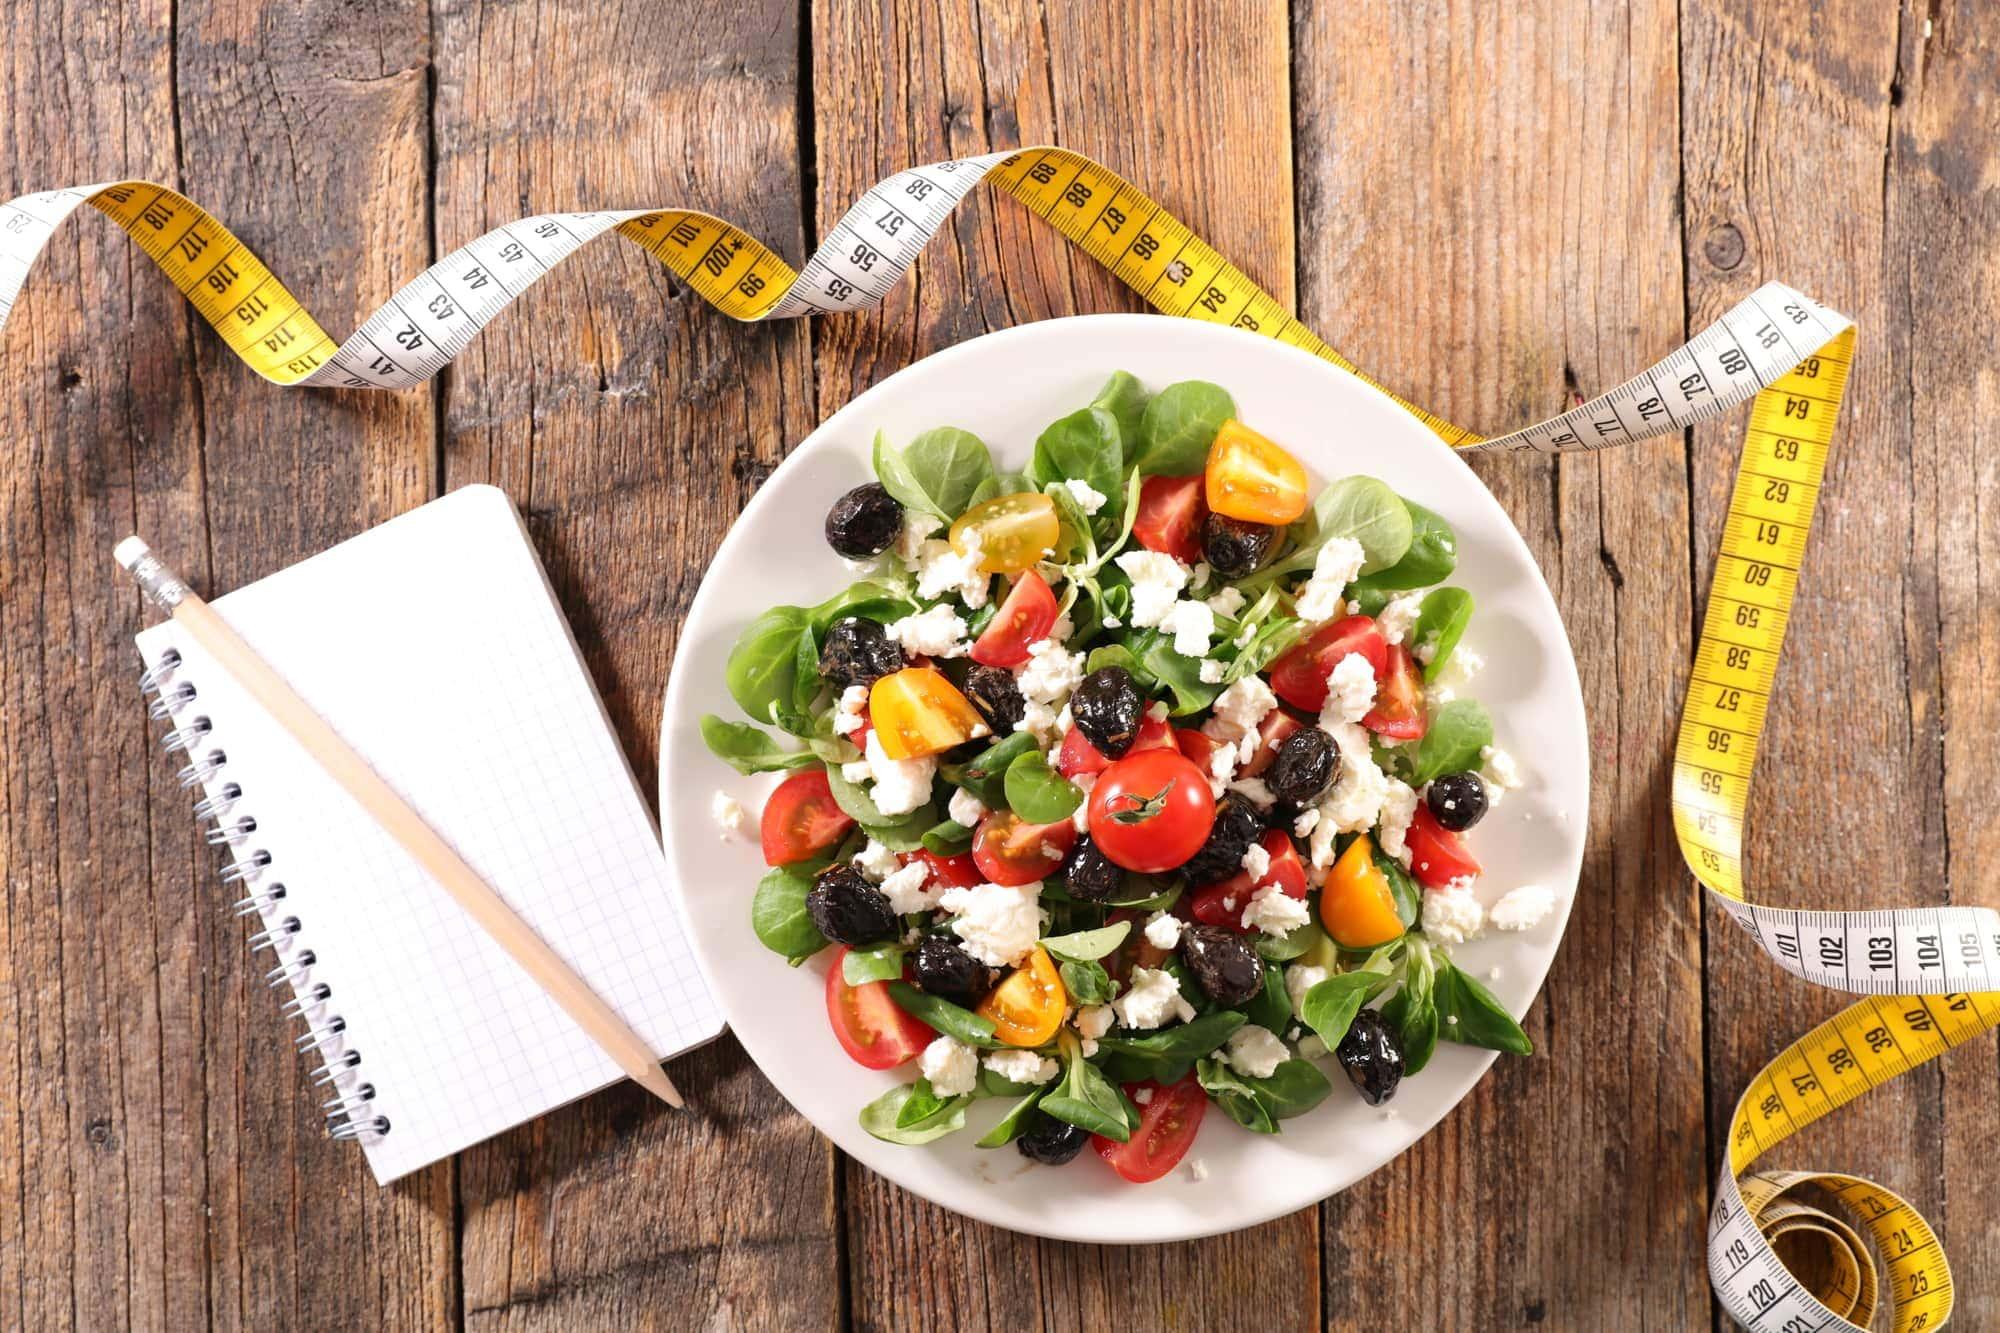 ricette dimagranti facili e salutari